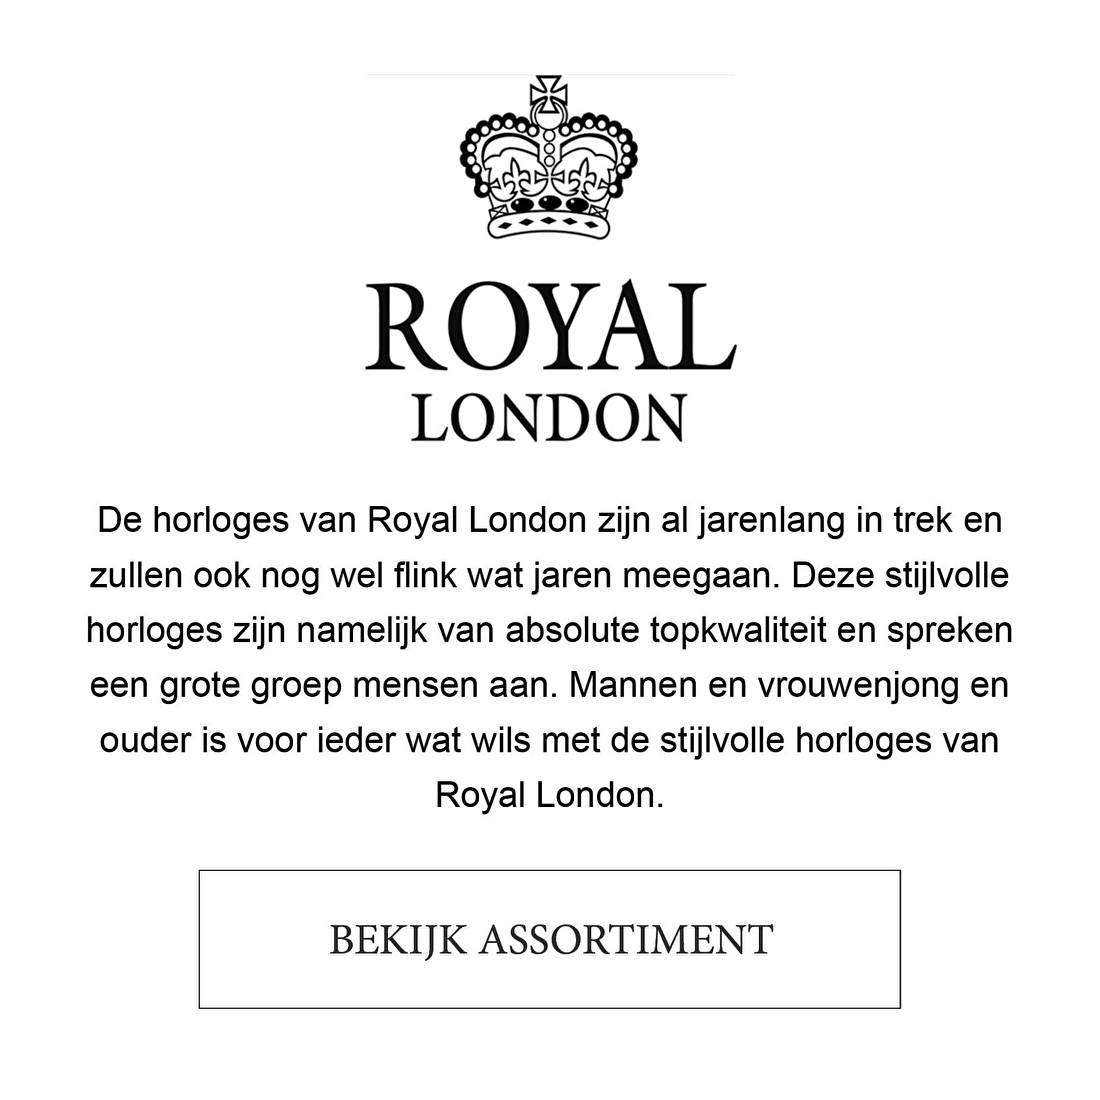 De horloges van Royal London zijn al jarenlang in trek en zullen ook nog wel flink wat jaren meegaan. Deze stijlvolle horloges zijn namelijk van absolute topkwaliteit en spreken een grote groep mensen aan. Mannen en vrouwenjong en ouder is voor ieder wat wils met de stijlvolle horloges van Royal London.